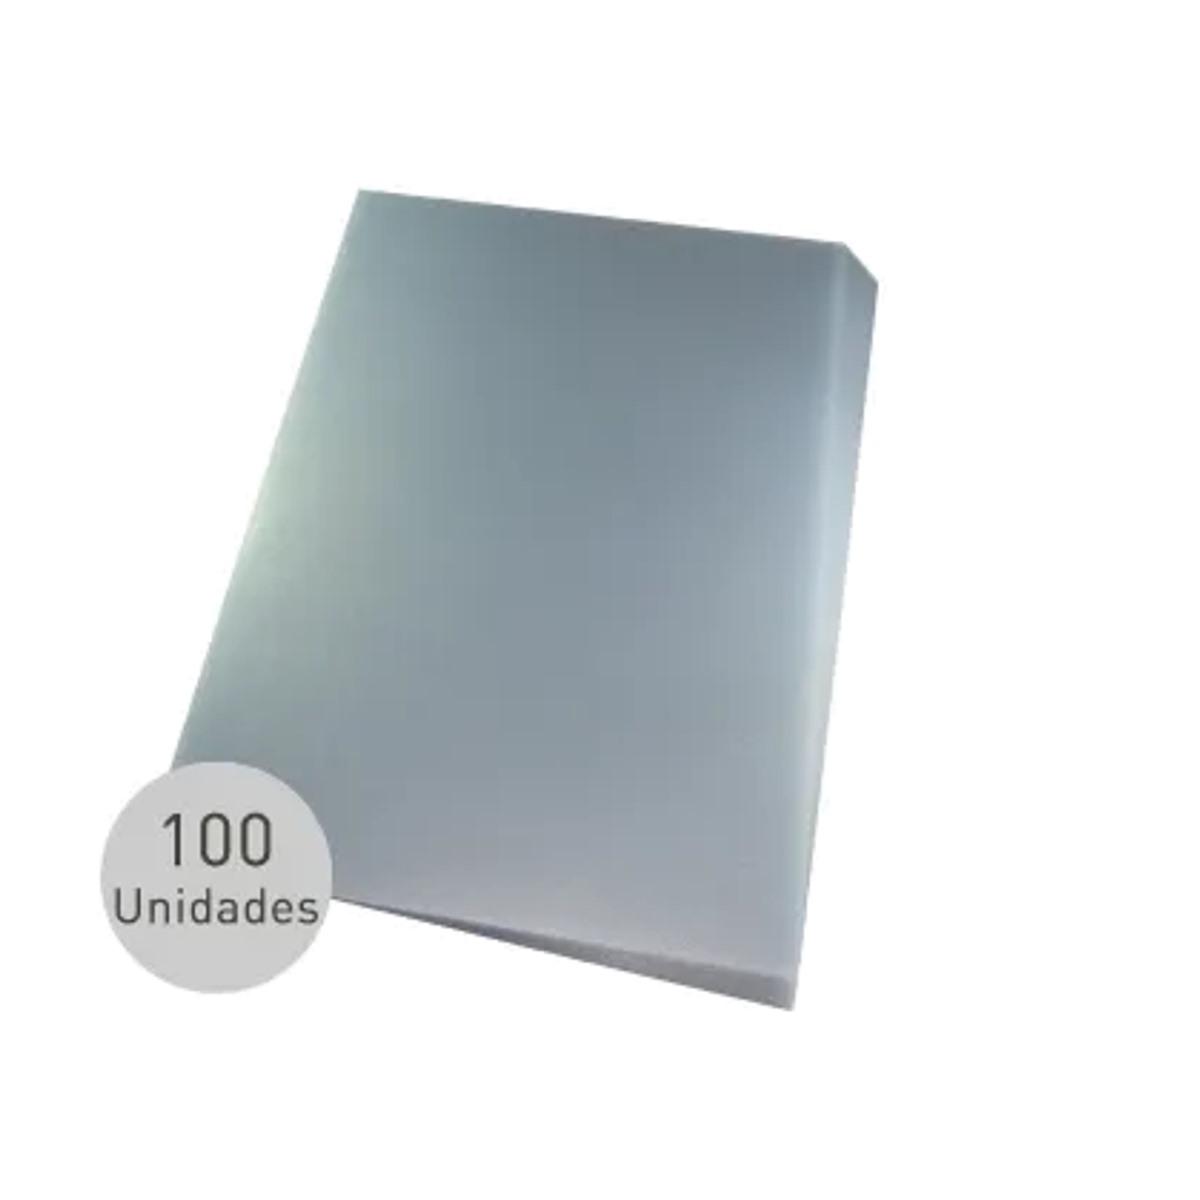 Capa para encadernação Ofício Transparente PP Couro 0,30mm 100un